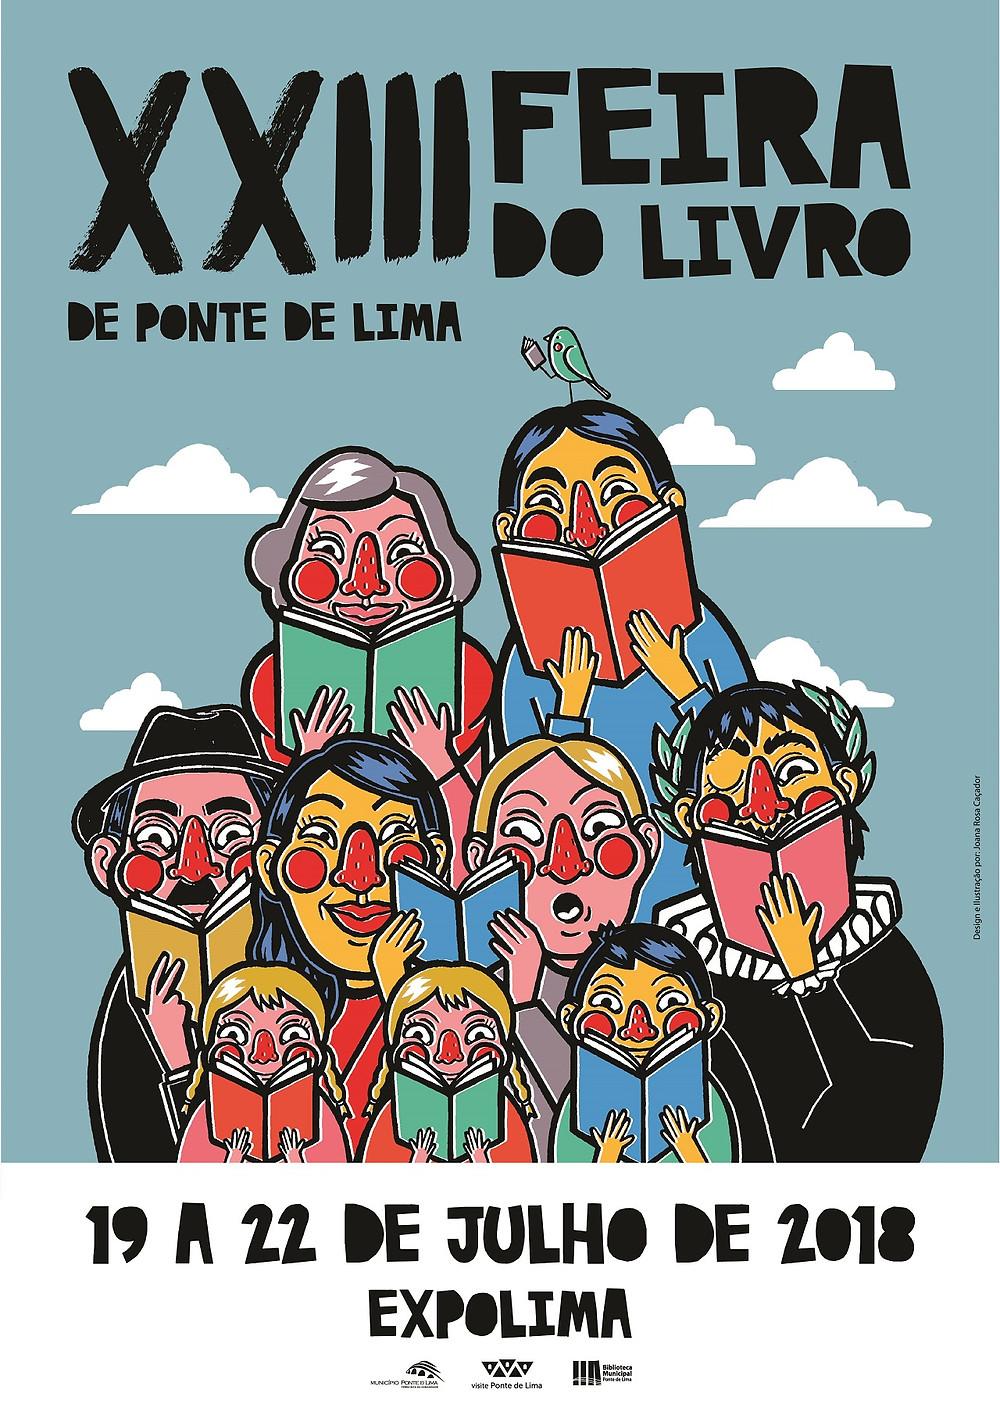 XXIII Feira do Livro de Ponte de Lima com diversidade e novidades | Peneda Gerês TV